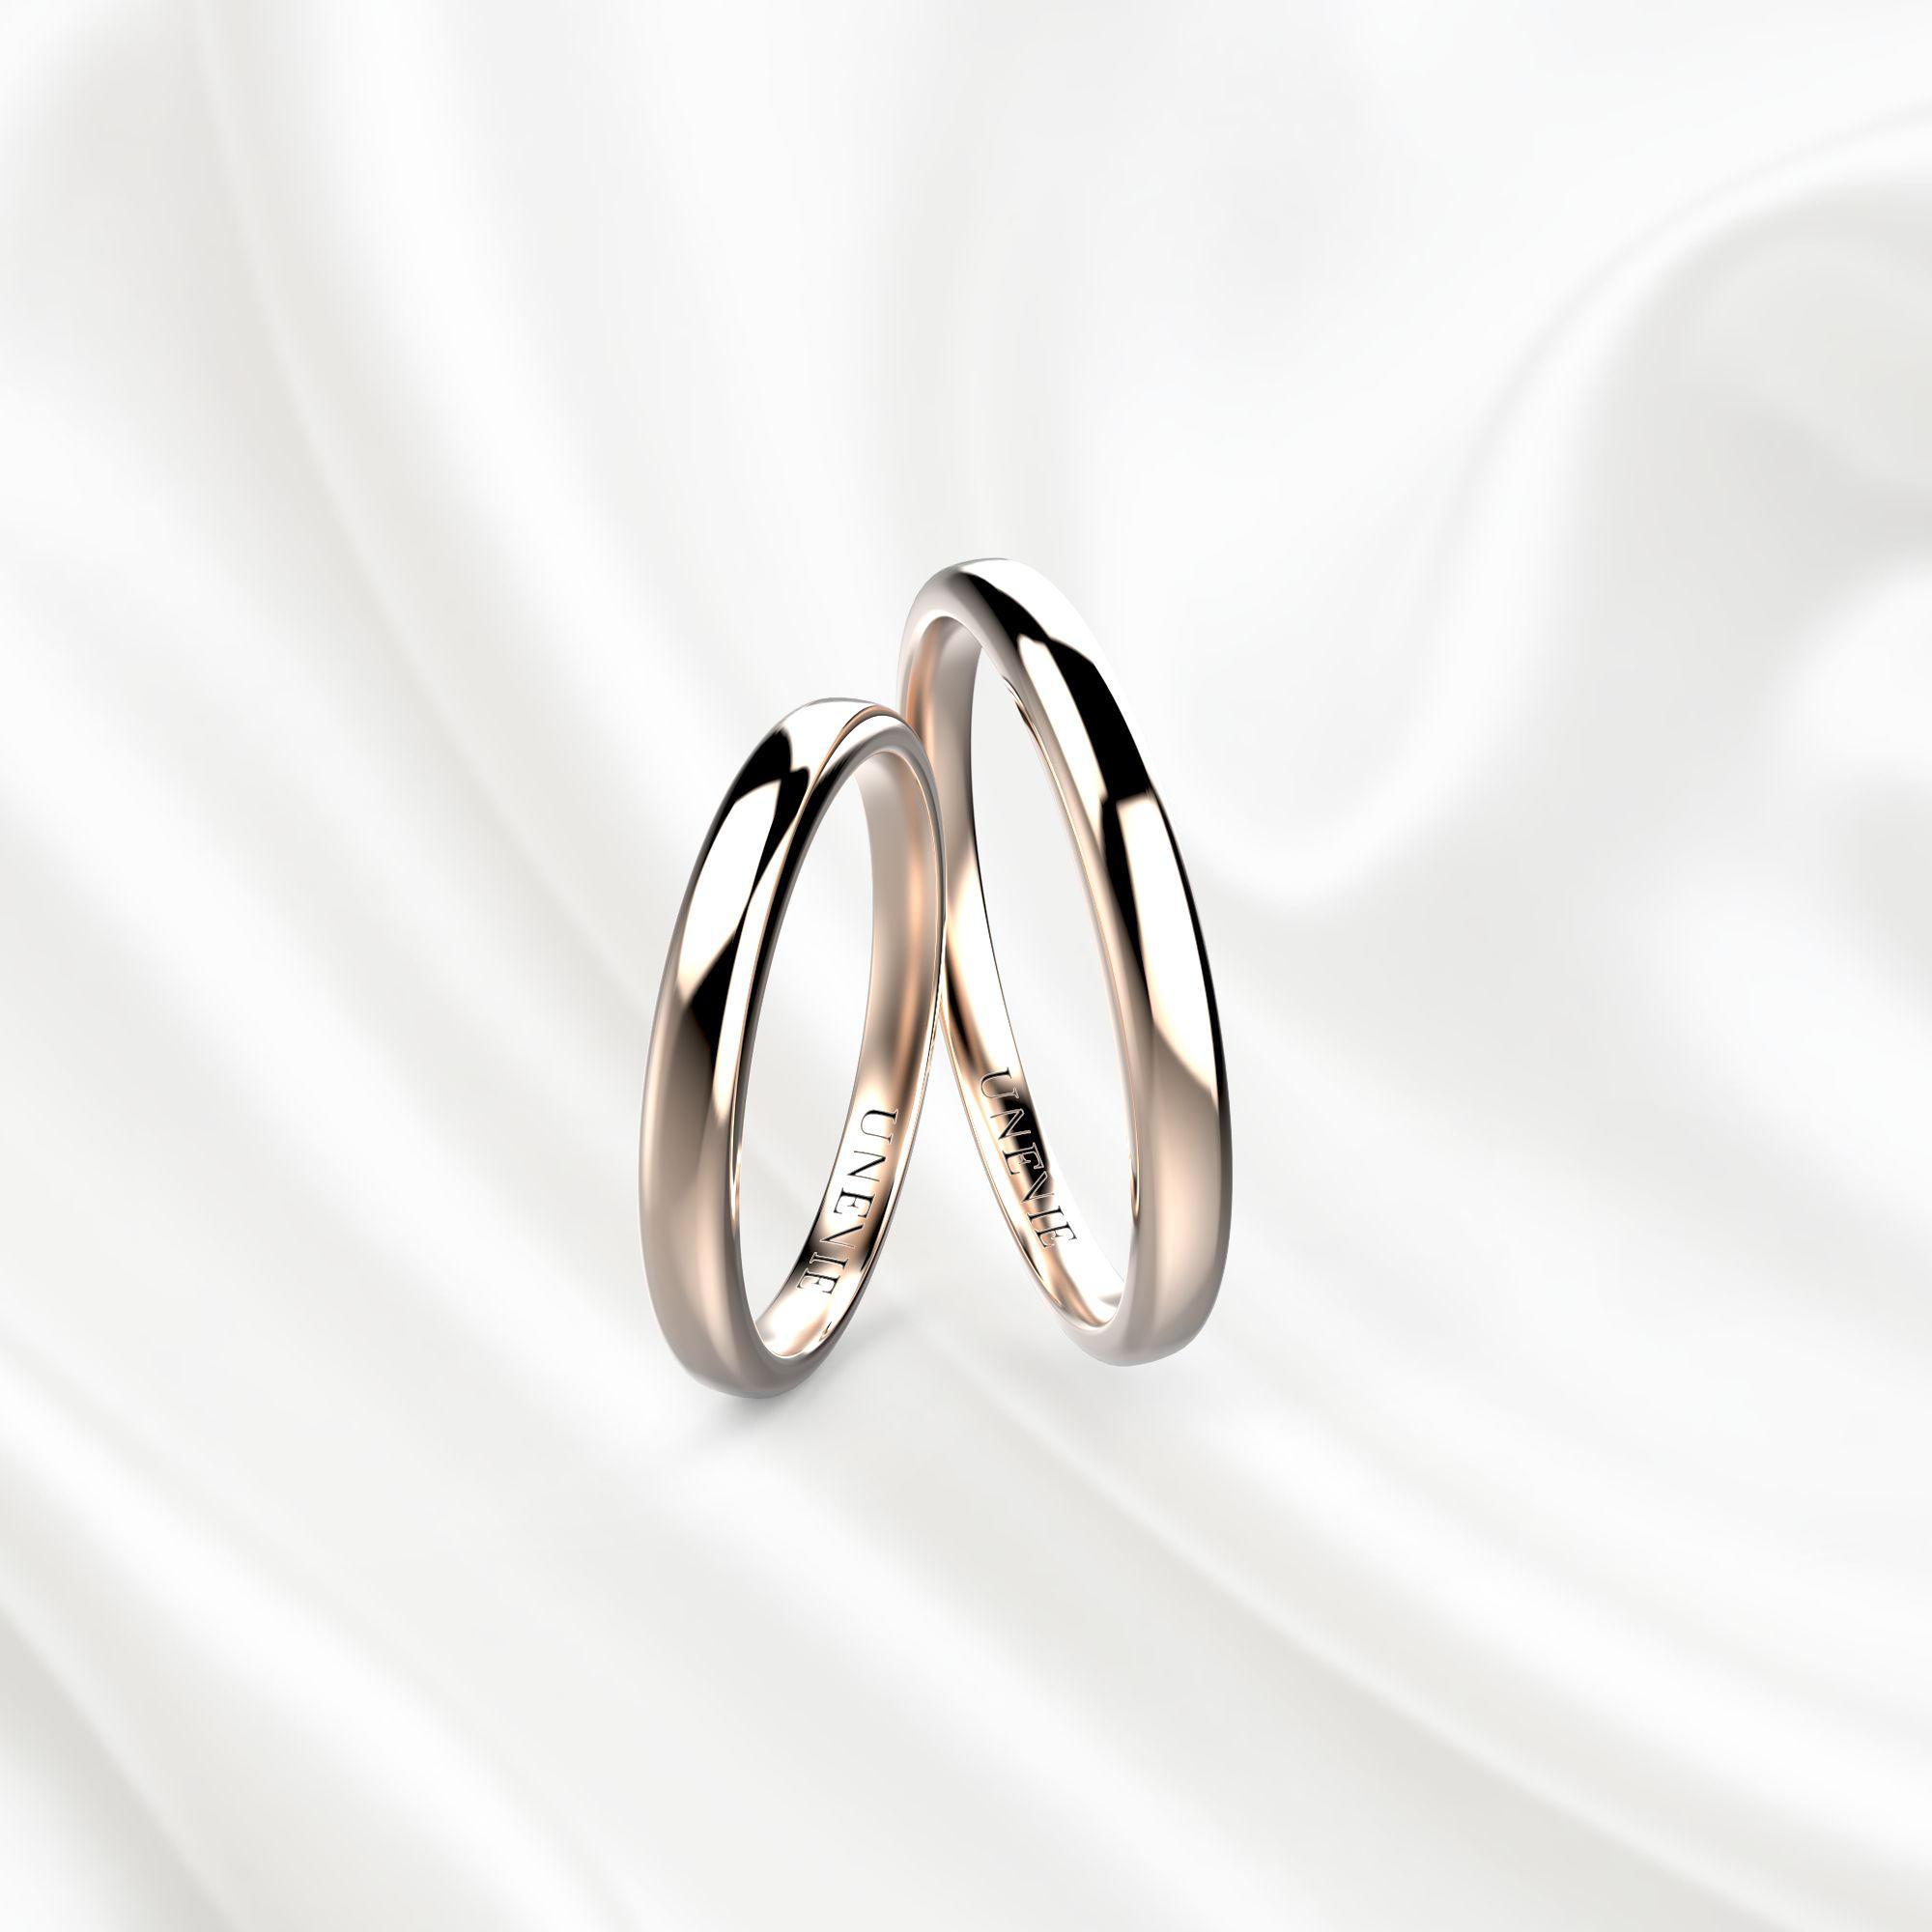 NV20 Обручальные кольца из розового золота